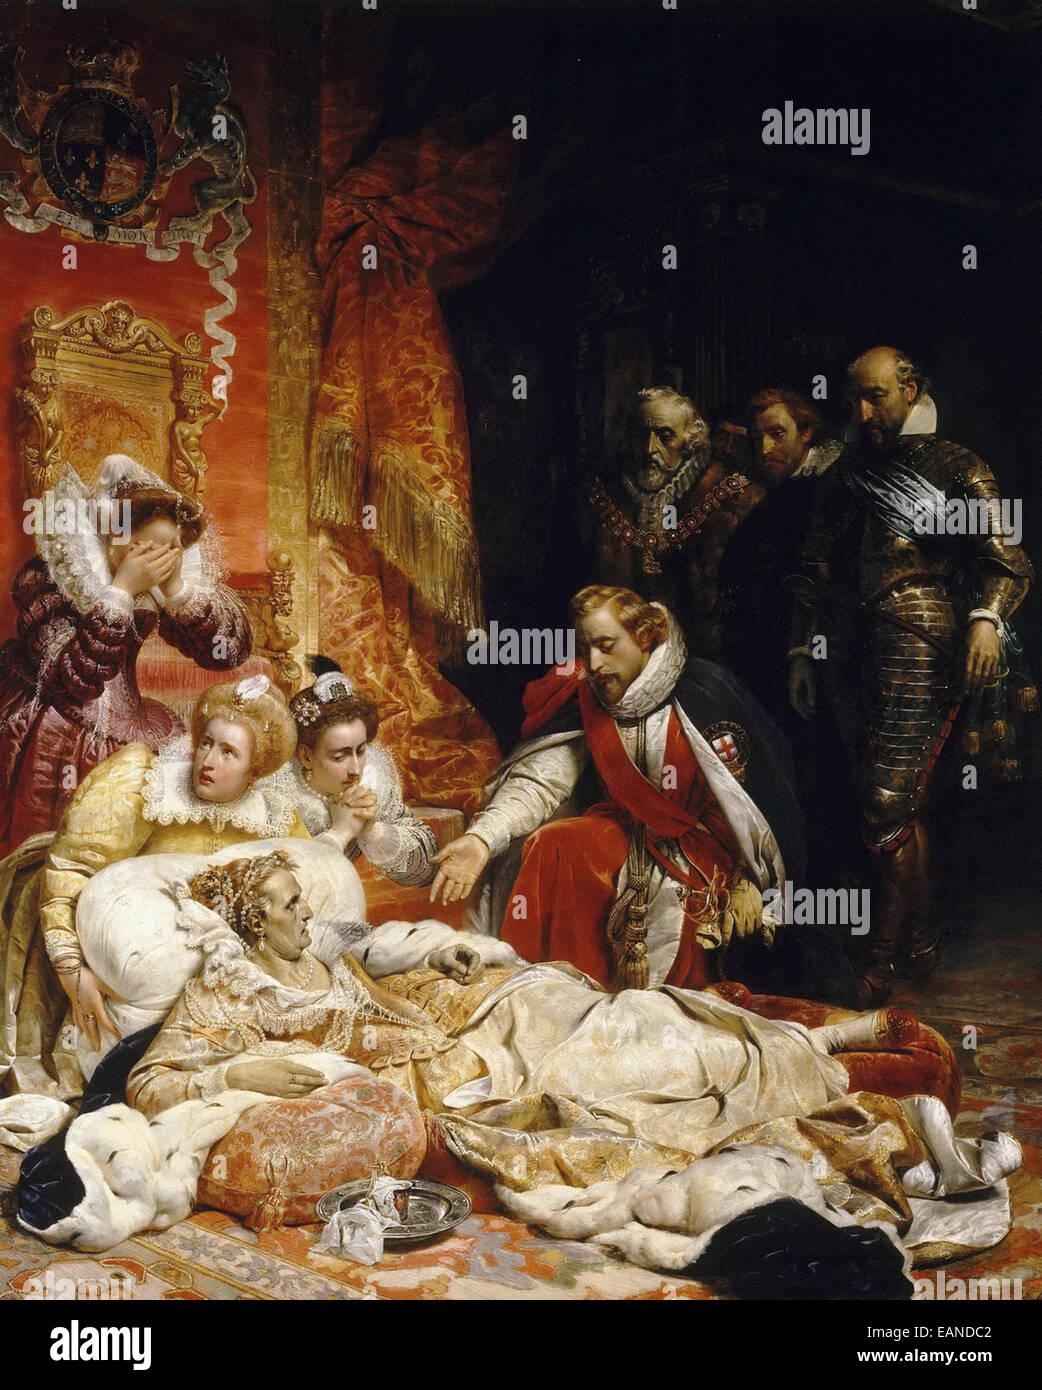 Paul Delaroche  Death of Elizabeth I, Queen of England - Stock Image